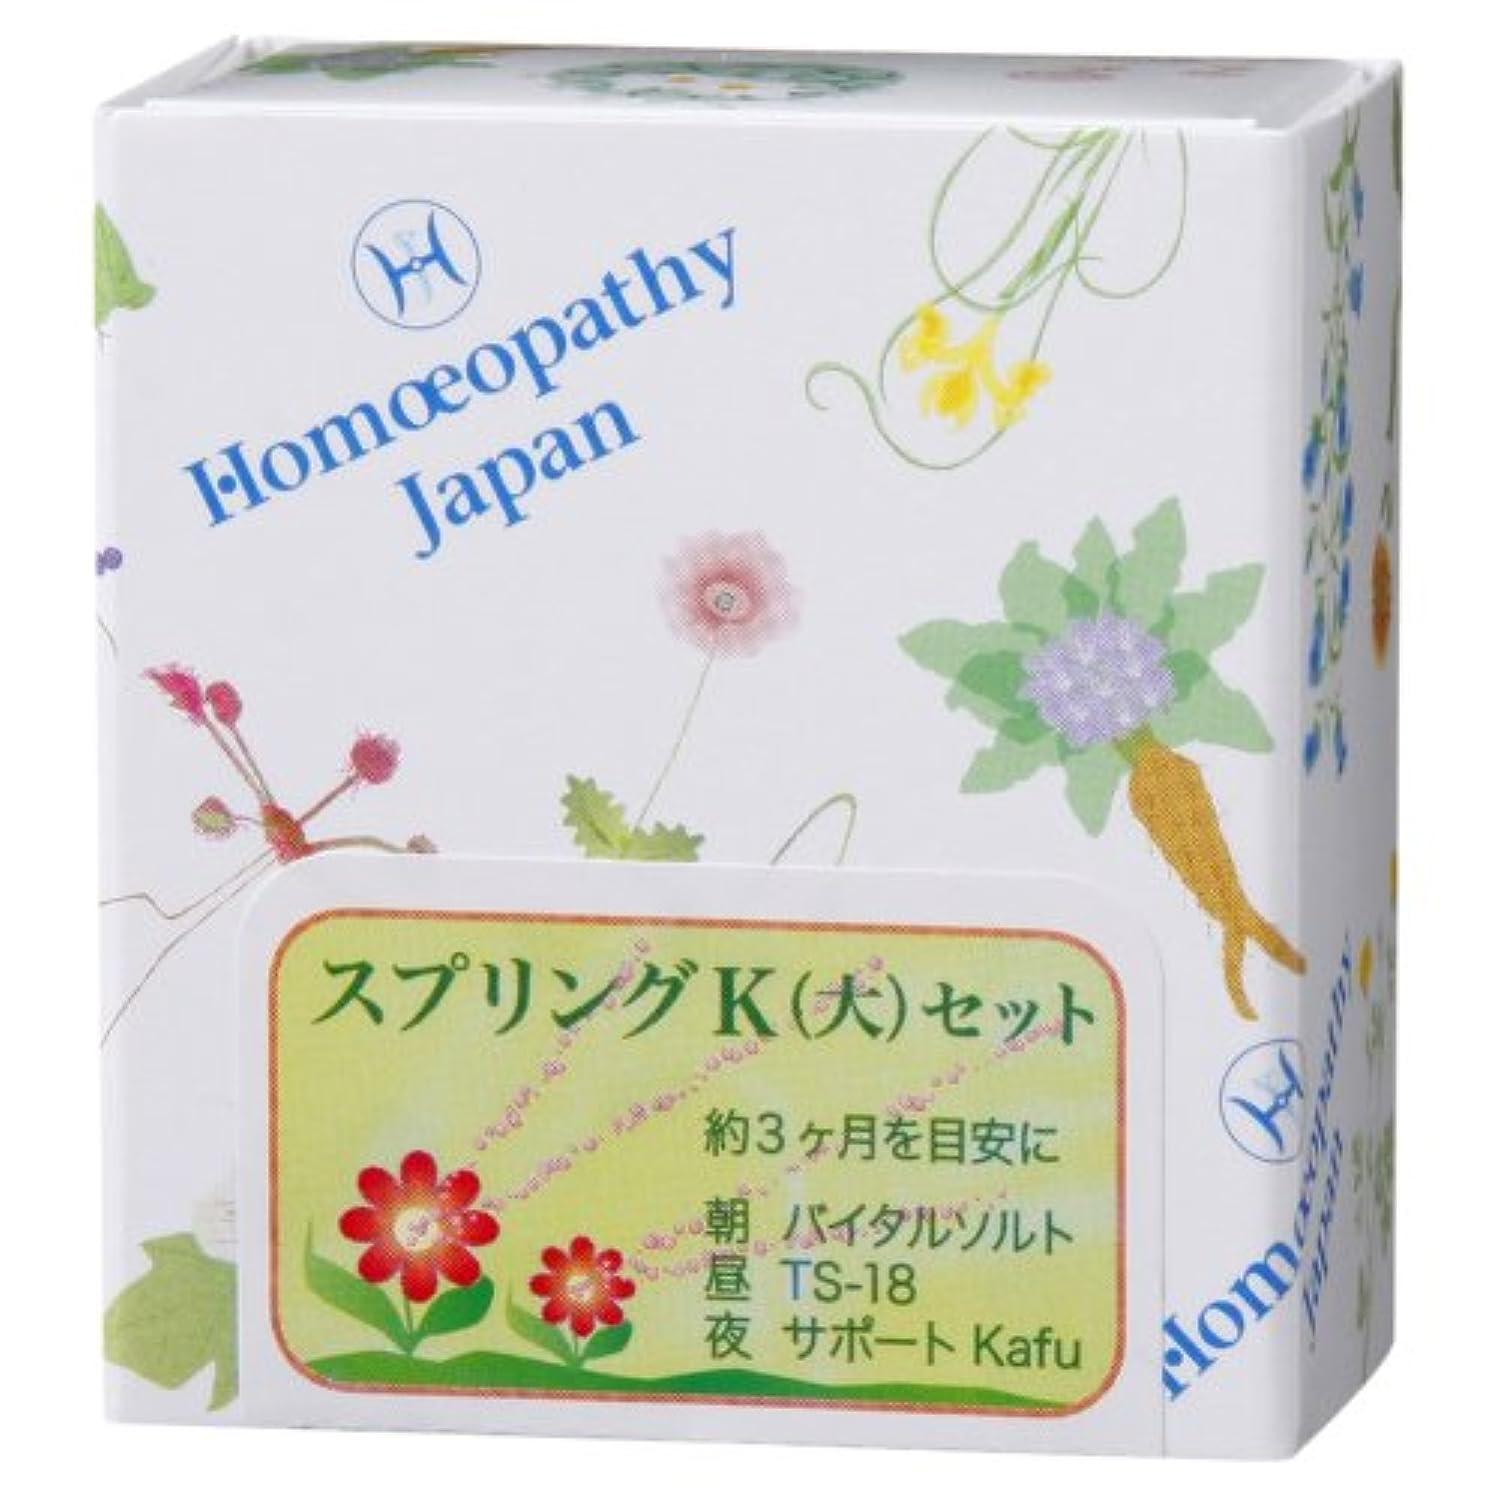 イサカ神経障害キウイホメオパシージャパンレメディー スプリングK(大)セット